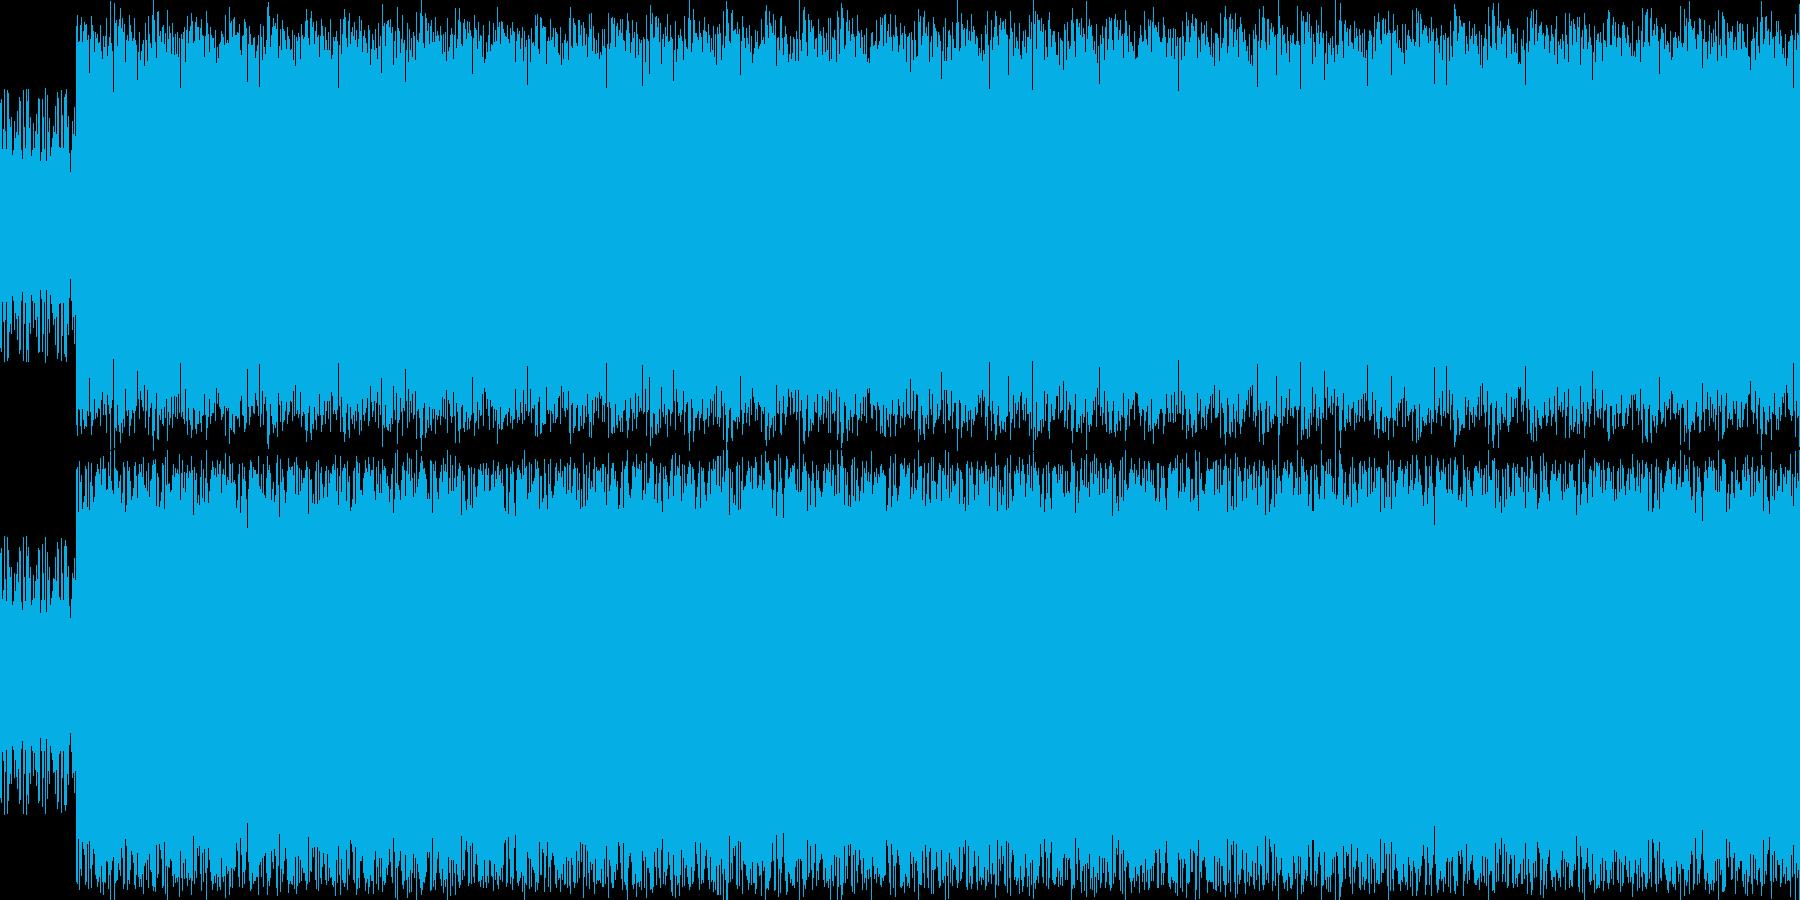 考察、思慮、割とみっちりしたドラムの再生済みの波形